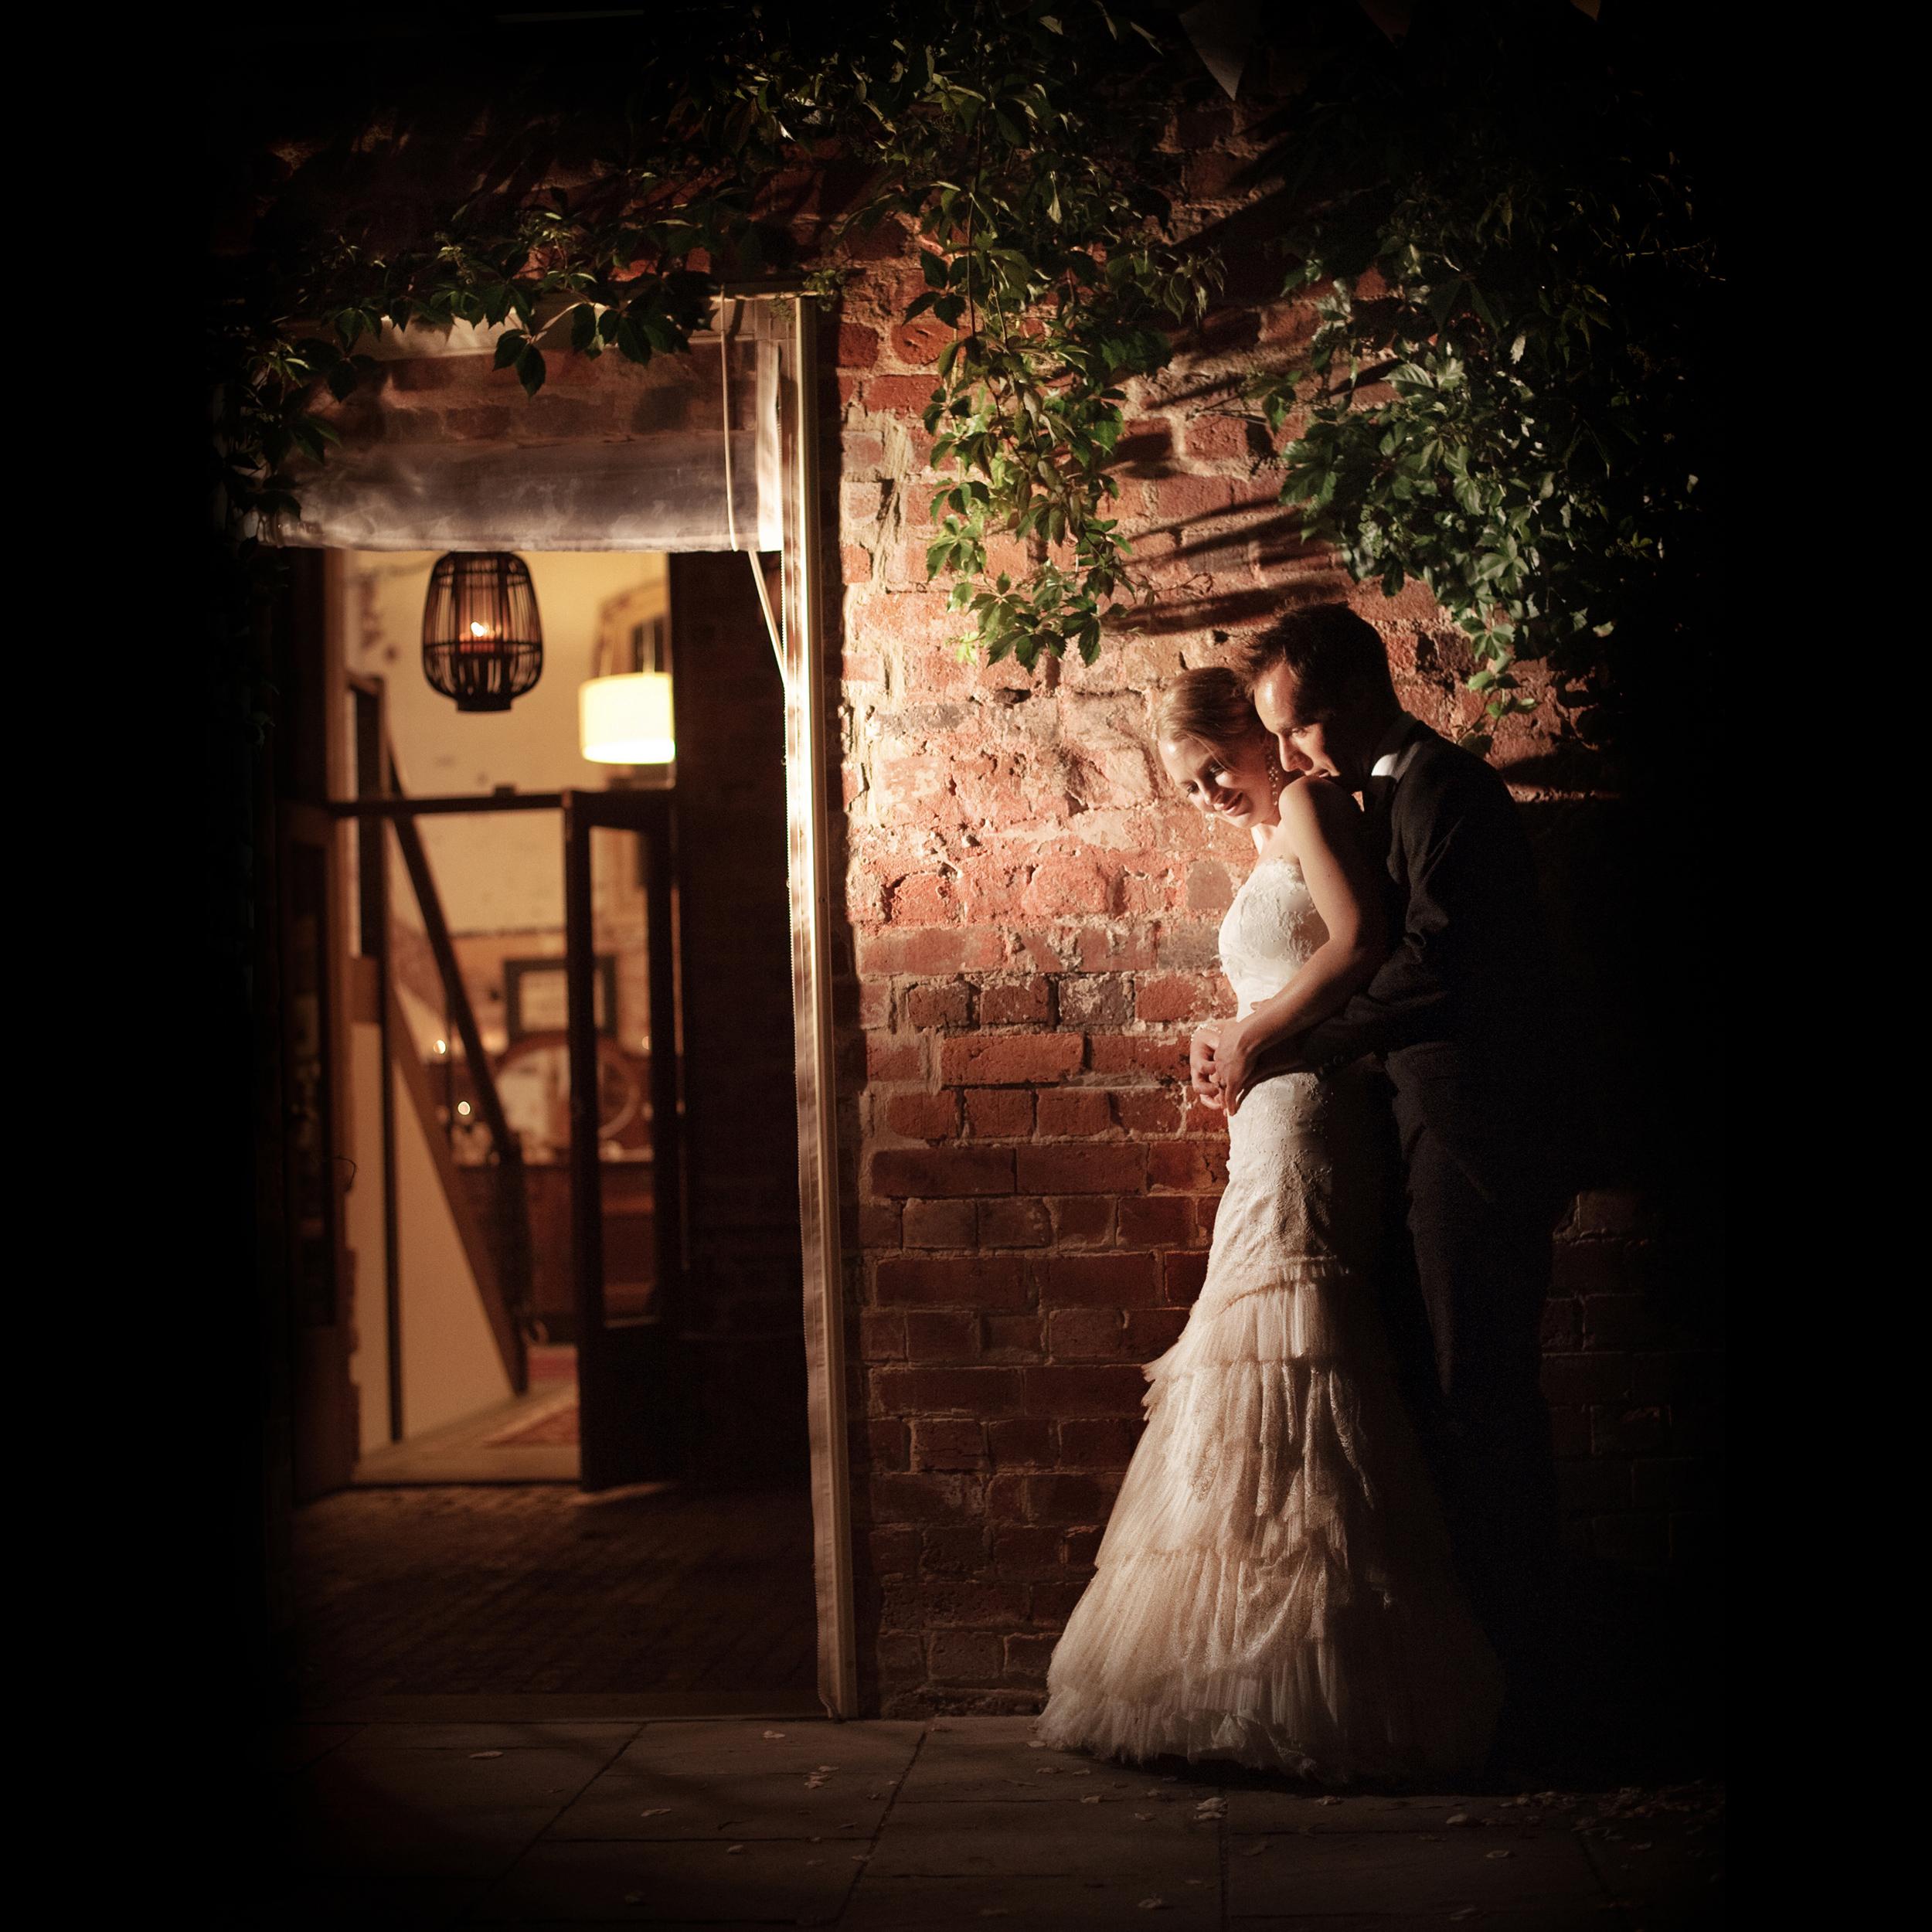 euroa_butter_factory_wedding_photography_97.jpg